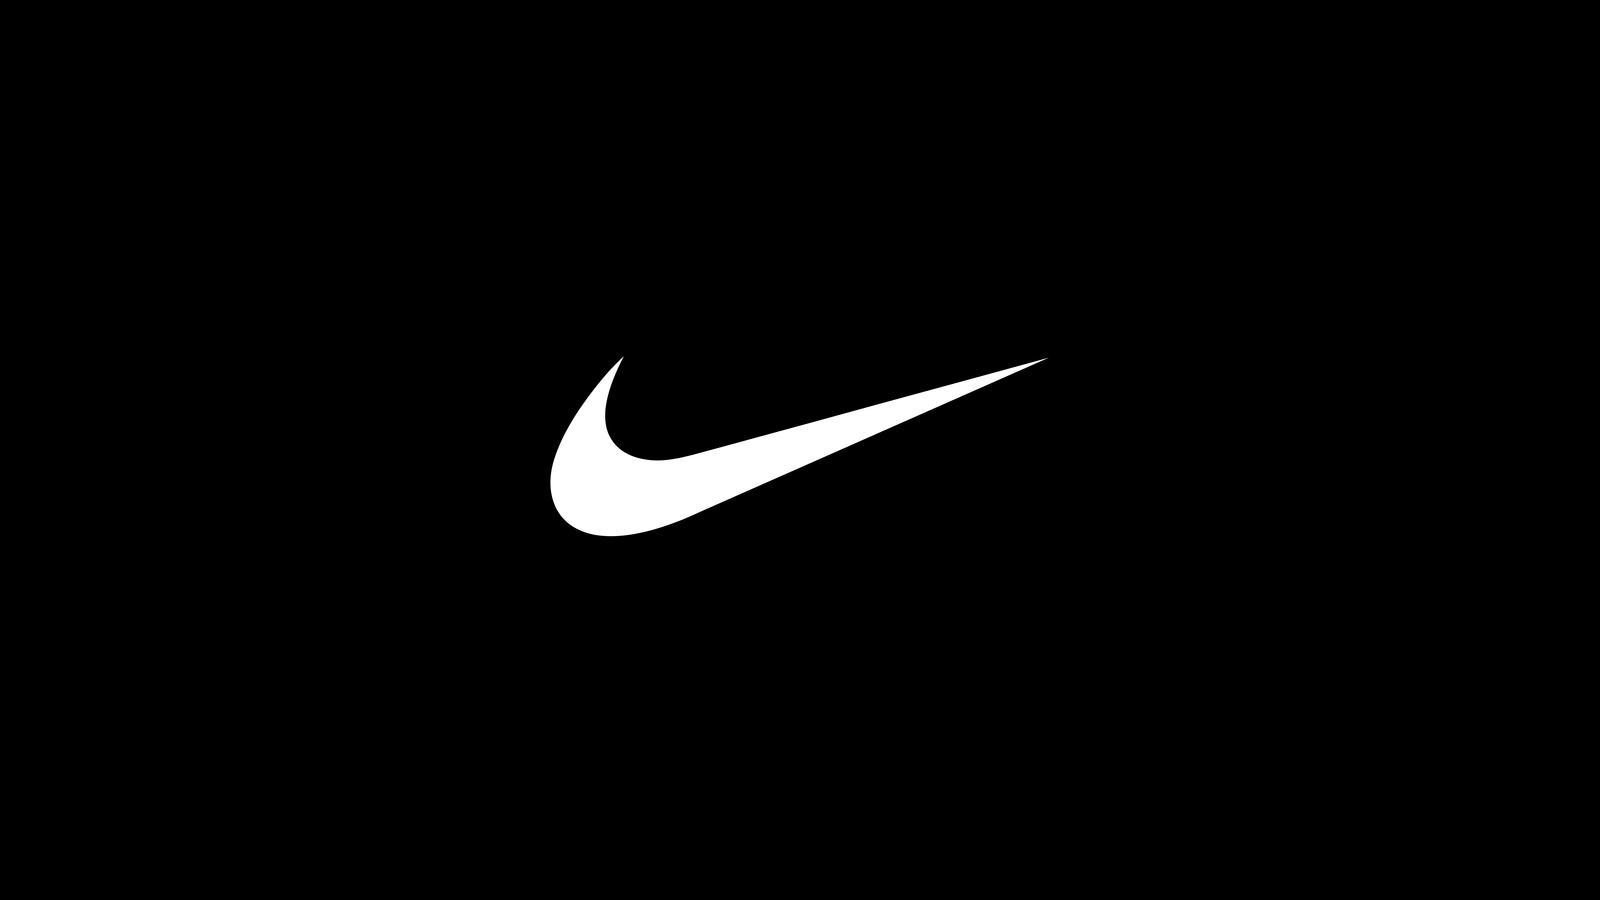 Nike swoosh logo white small original original original hd 1600